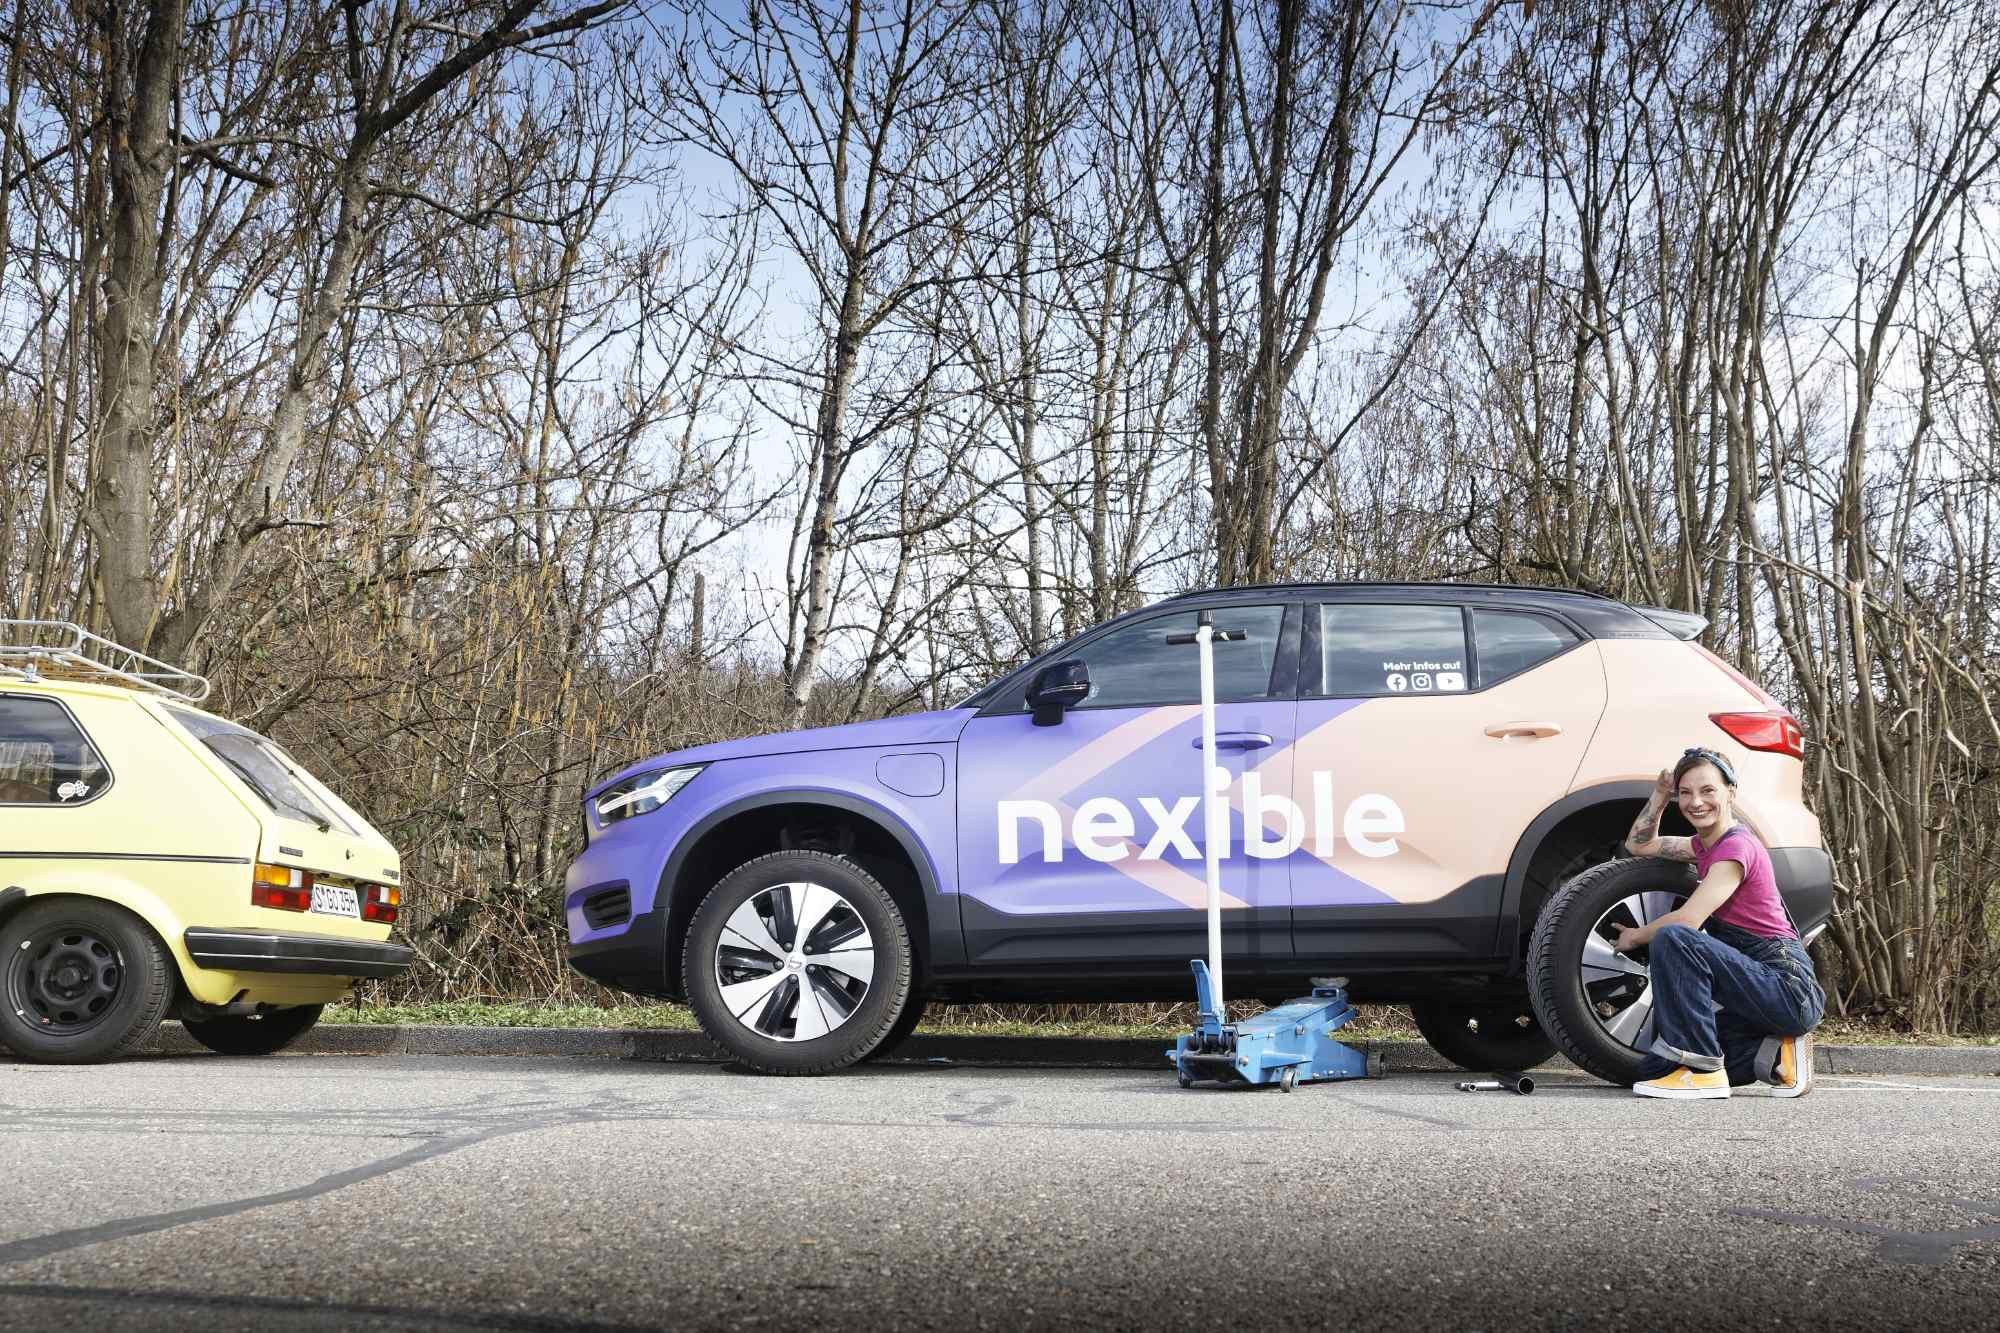 Automechanikerin Anna mit Wagenheber vor dem nexible-Auto nexiCar